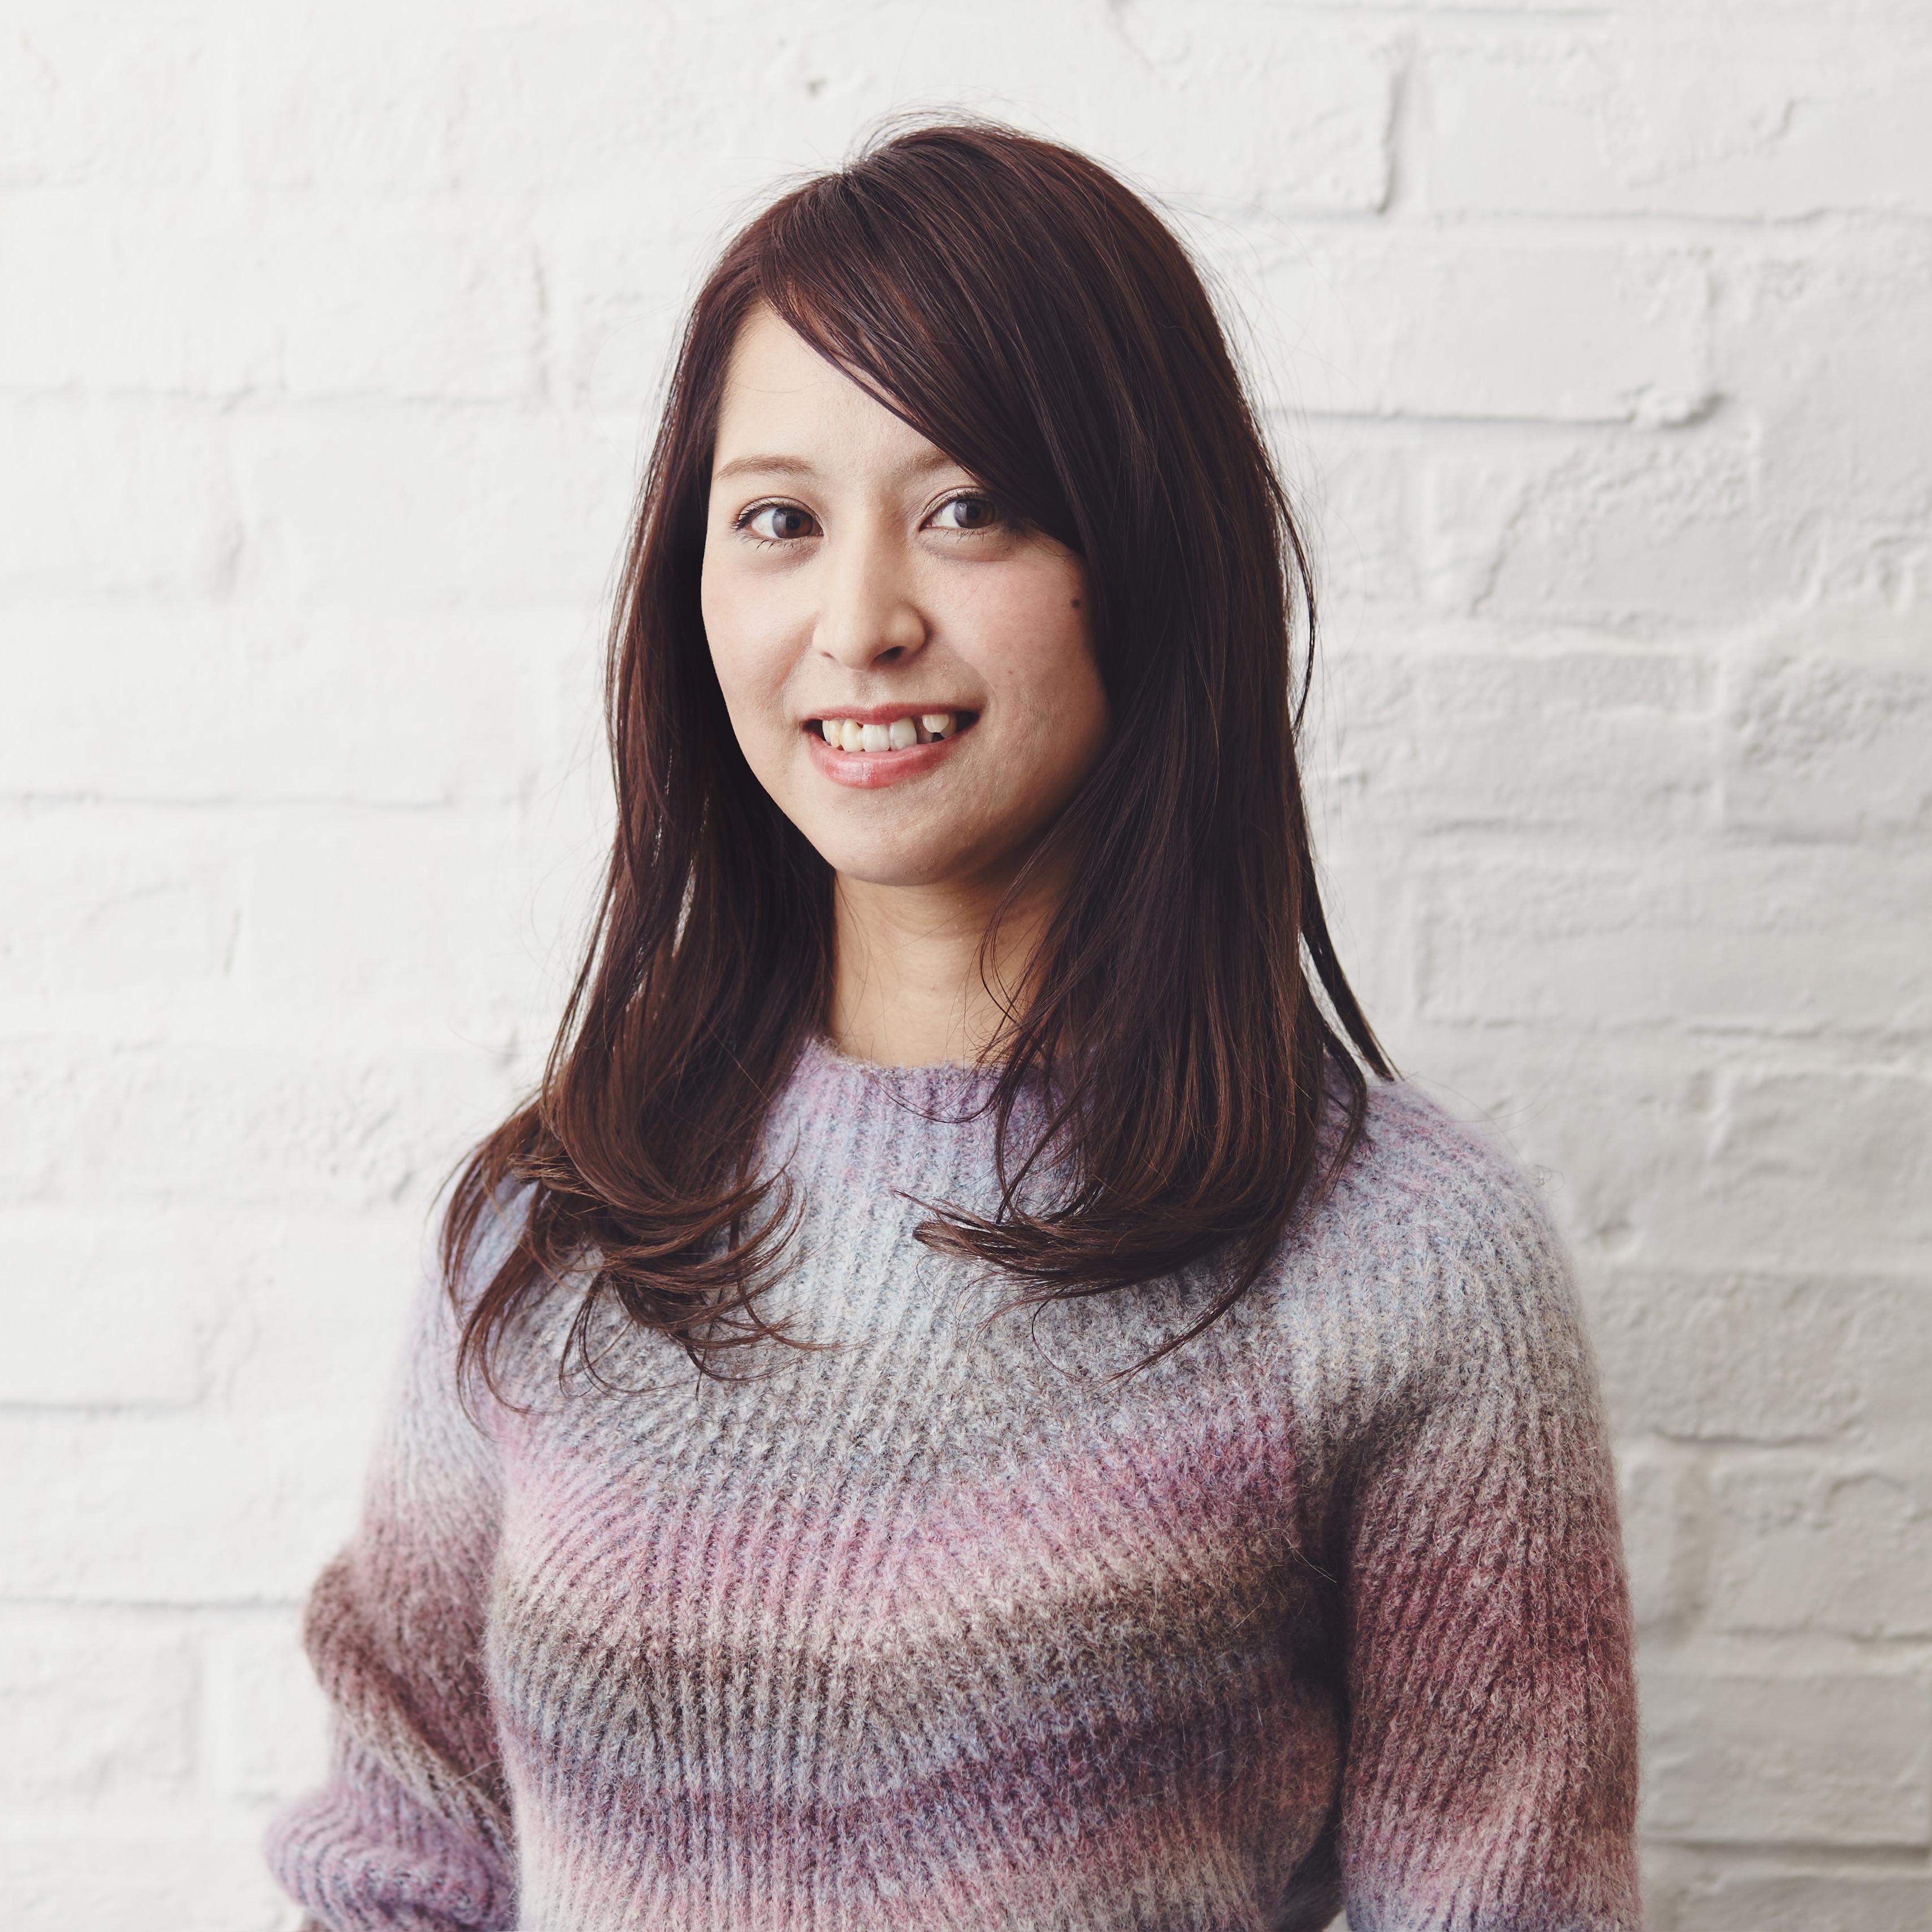 Hirata Shoko